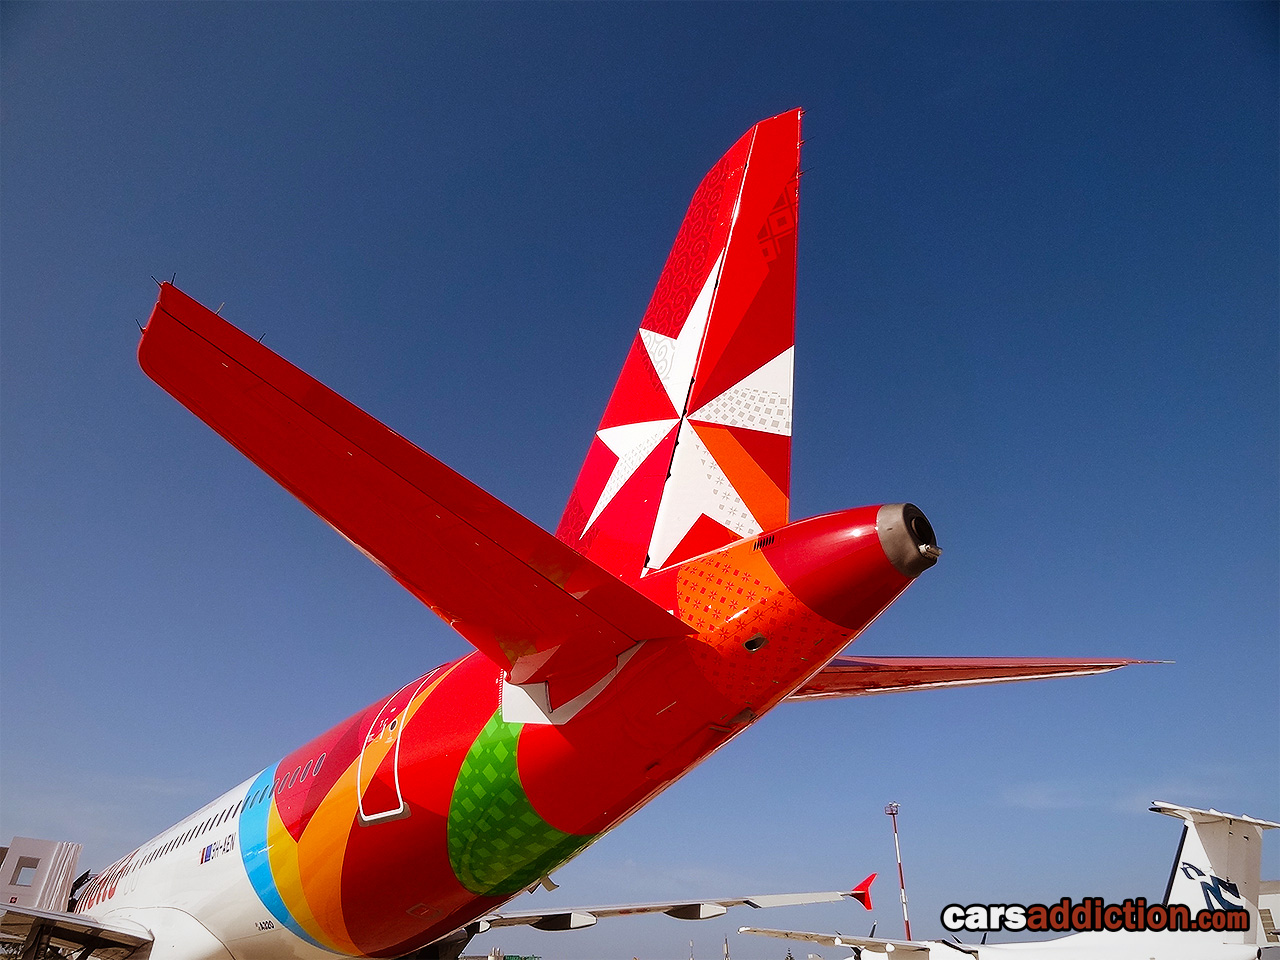 New 2012 Air Malta Tail